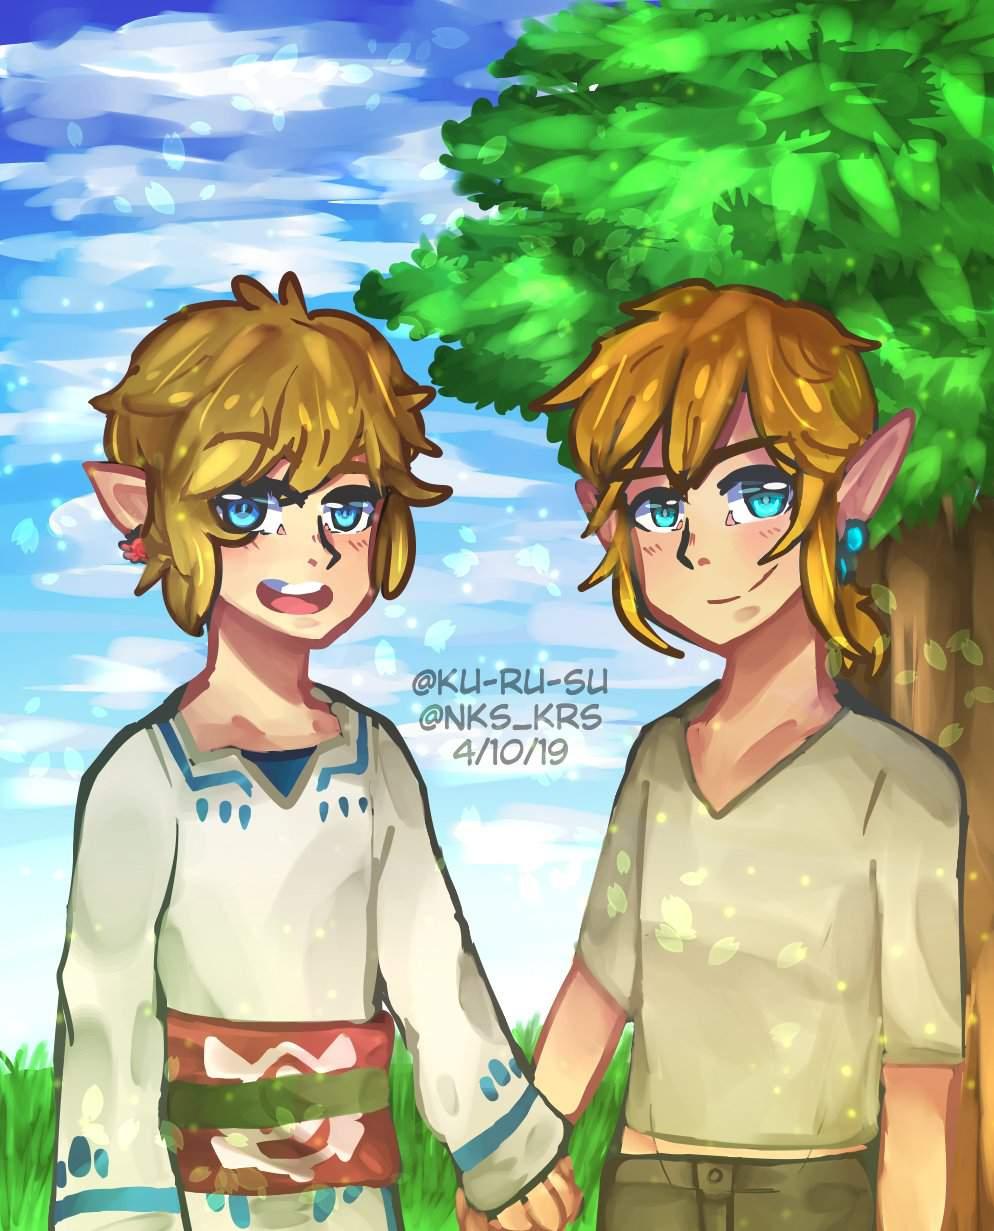 Sky And Wild Ss And Botw Link Fanart Zelda Amino